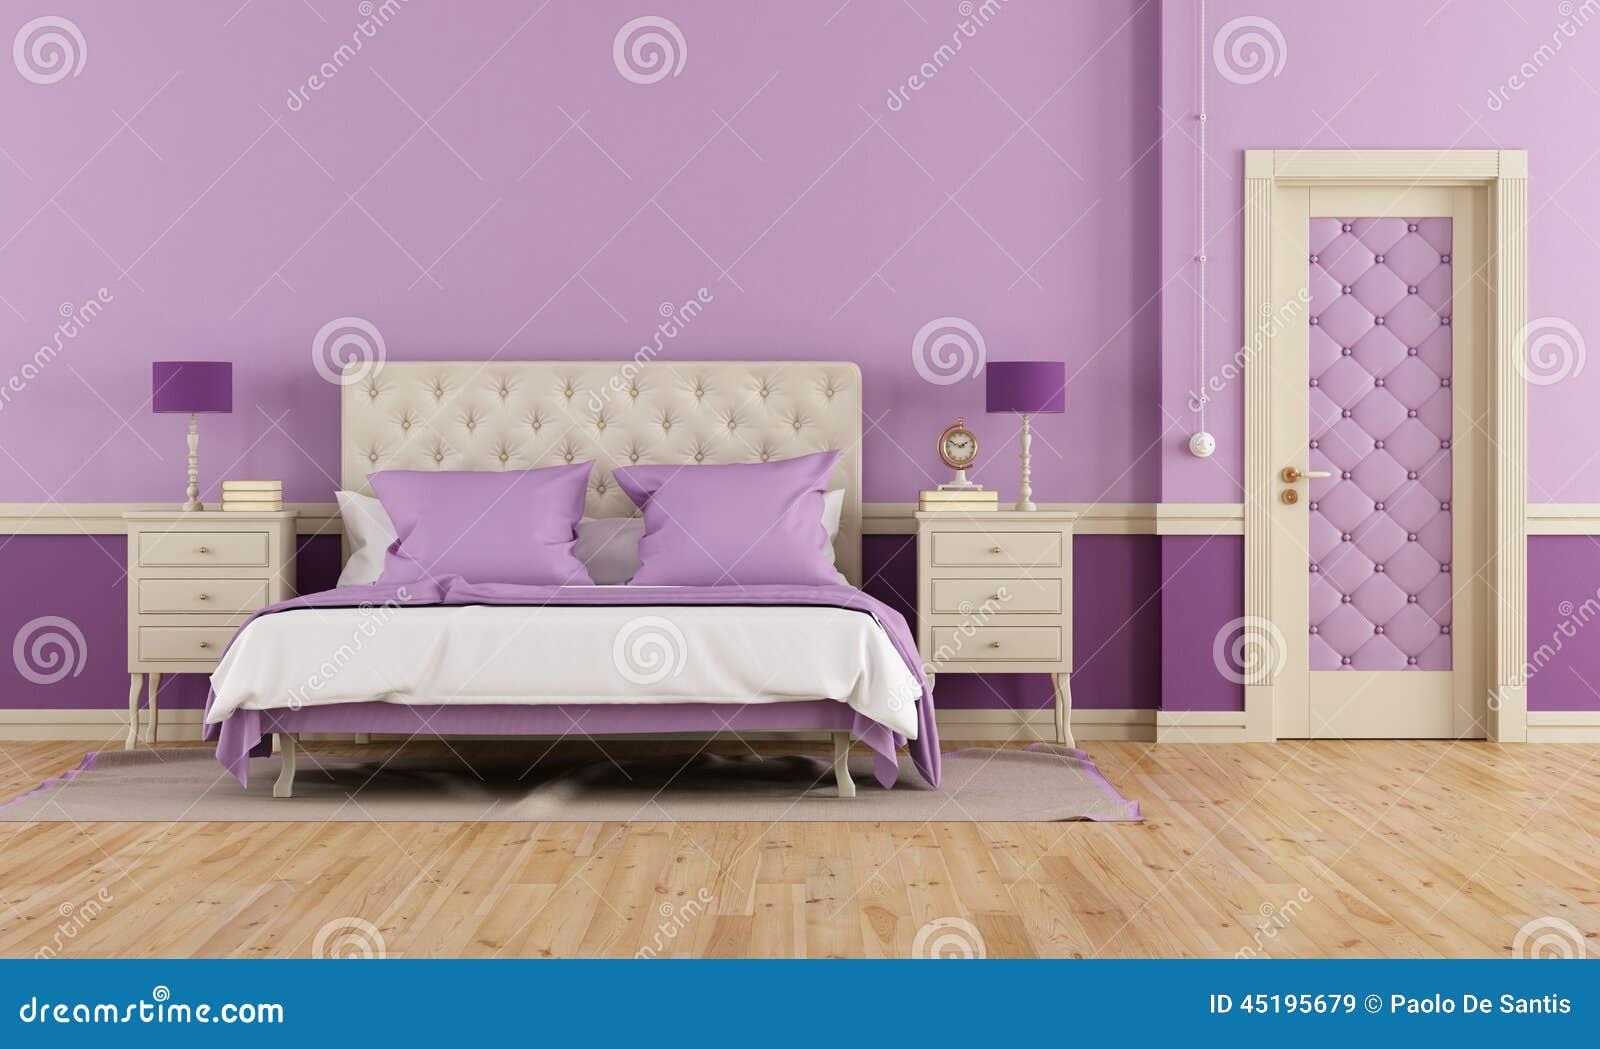 Parete viola camera da letto idee per la casa - Parete viola camera da letto ...